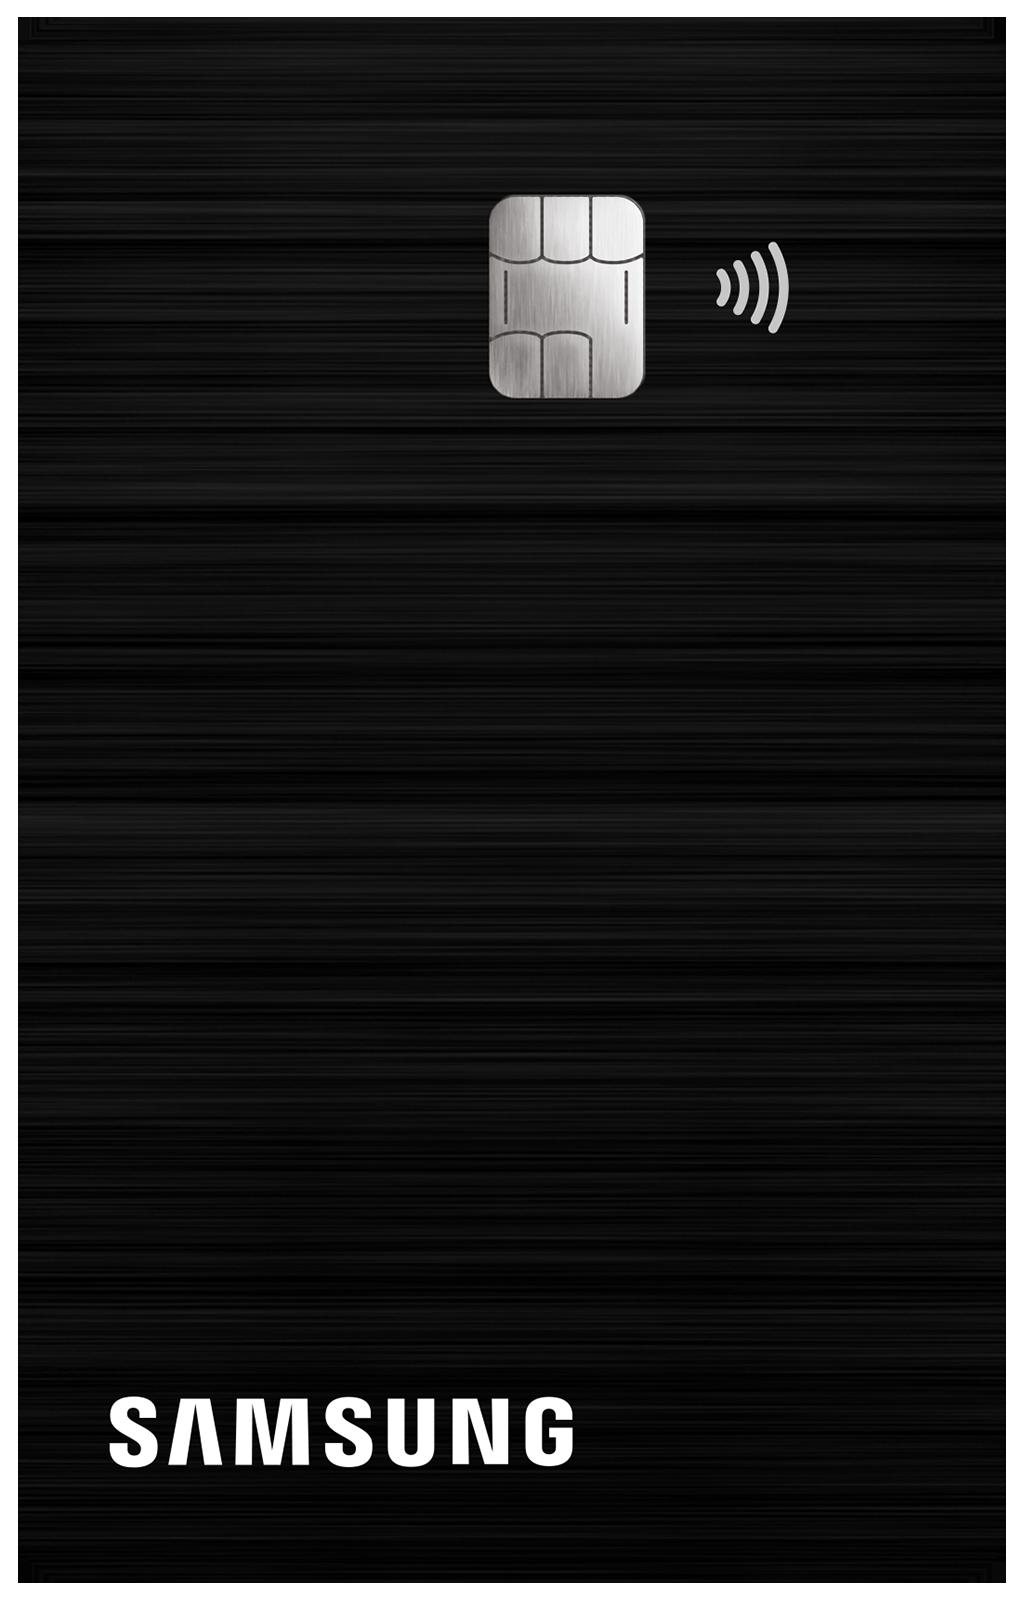 Cartão de Crédito Samsung Itaucard Visa Platinum